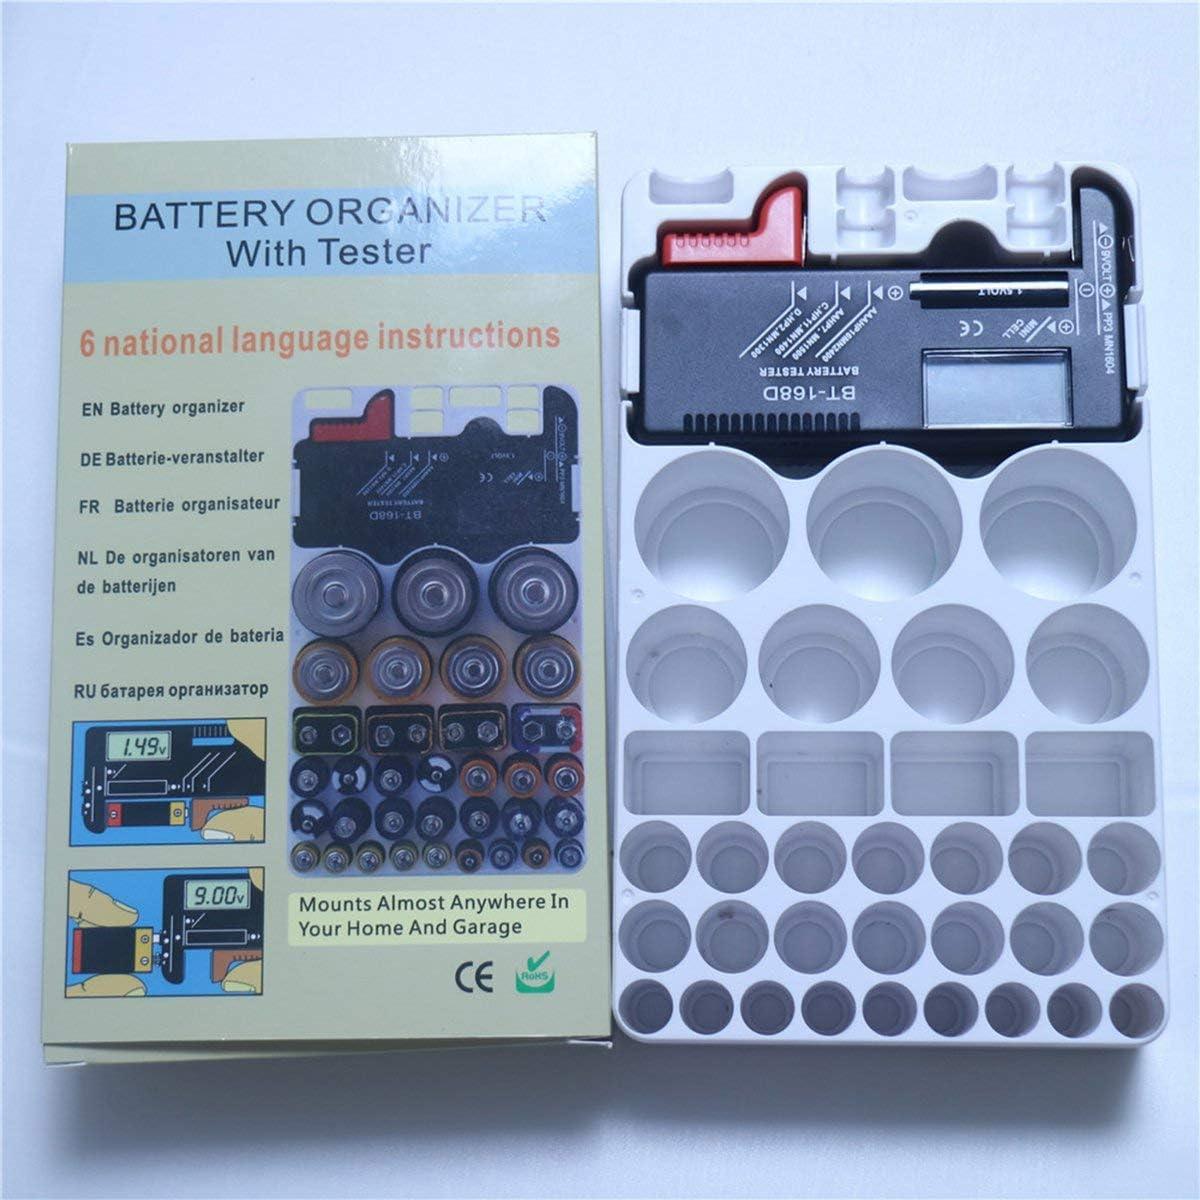 Greatangle Probador de bater/ía Probador de Capacidad de bater/ía Comprobaci/ón del Nivel de Potencia para bater/ías de 1.5V a 9V Pantalla Digital BT-168D Negro y Rojo